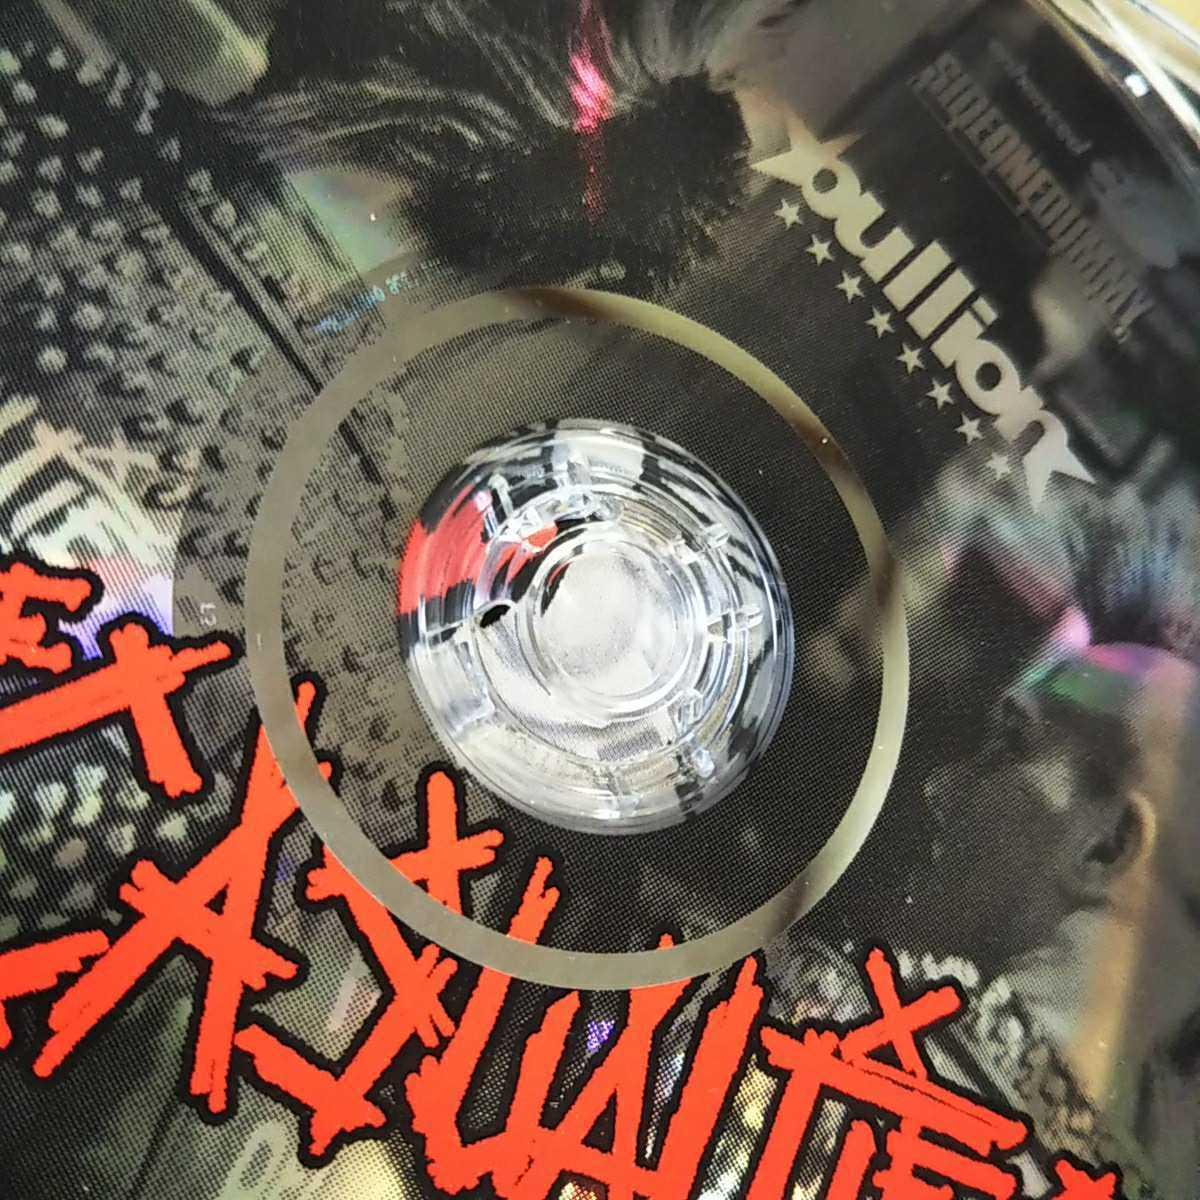 中古CD The Casualties / カジュアルティーズ『ON THE FRONT LINE』国内盤/帯有り/紙ジャケ/難有り blln-41【1165】